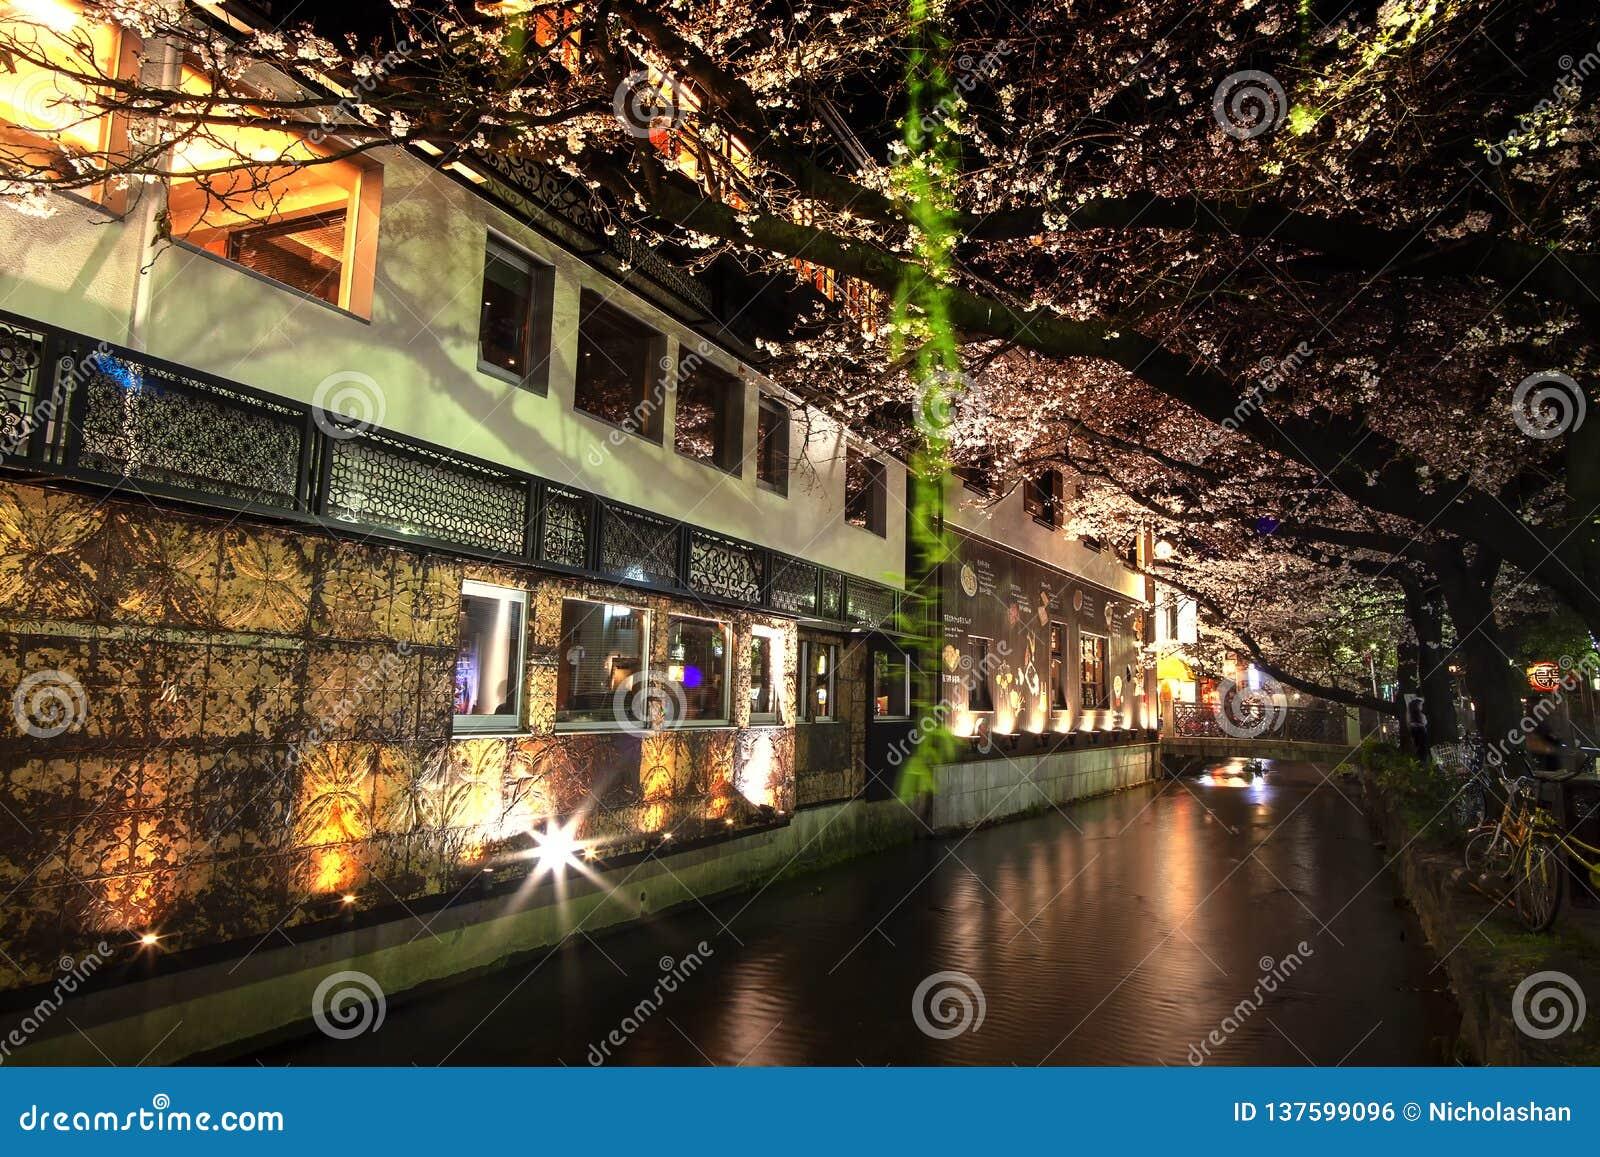 Estación de la flor de cerezo de Japón en Kyoto a principios de marzo cada año, Japón